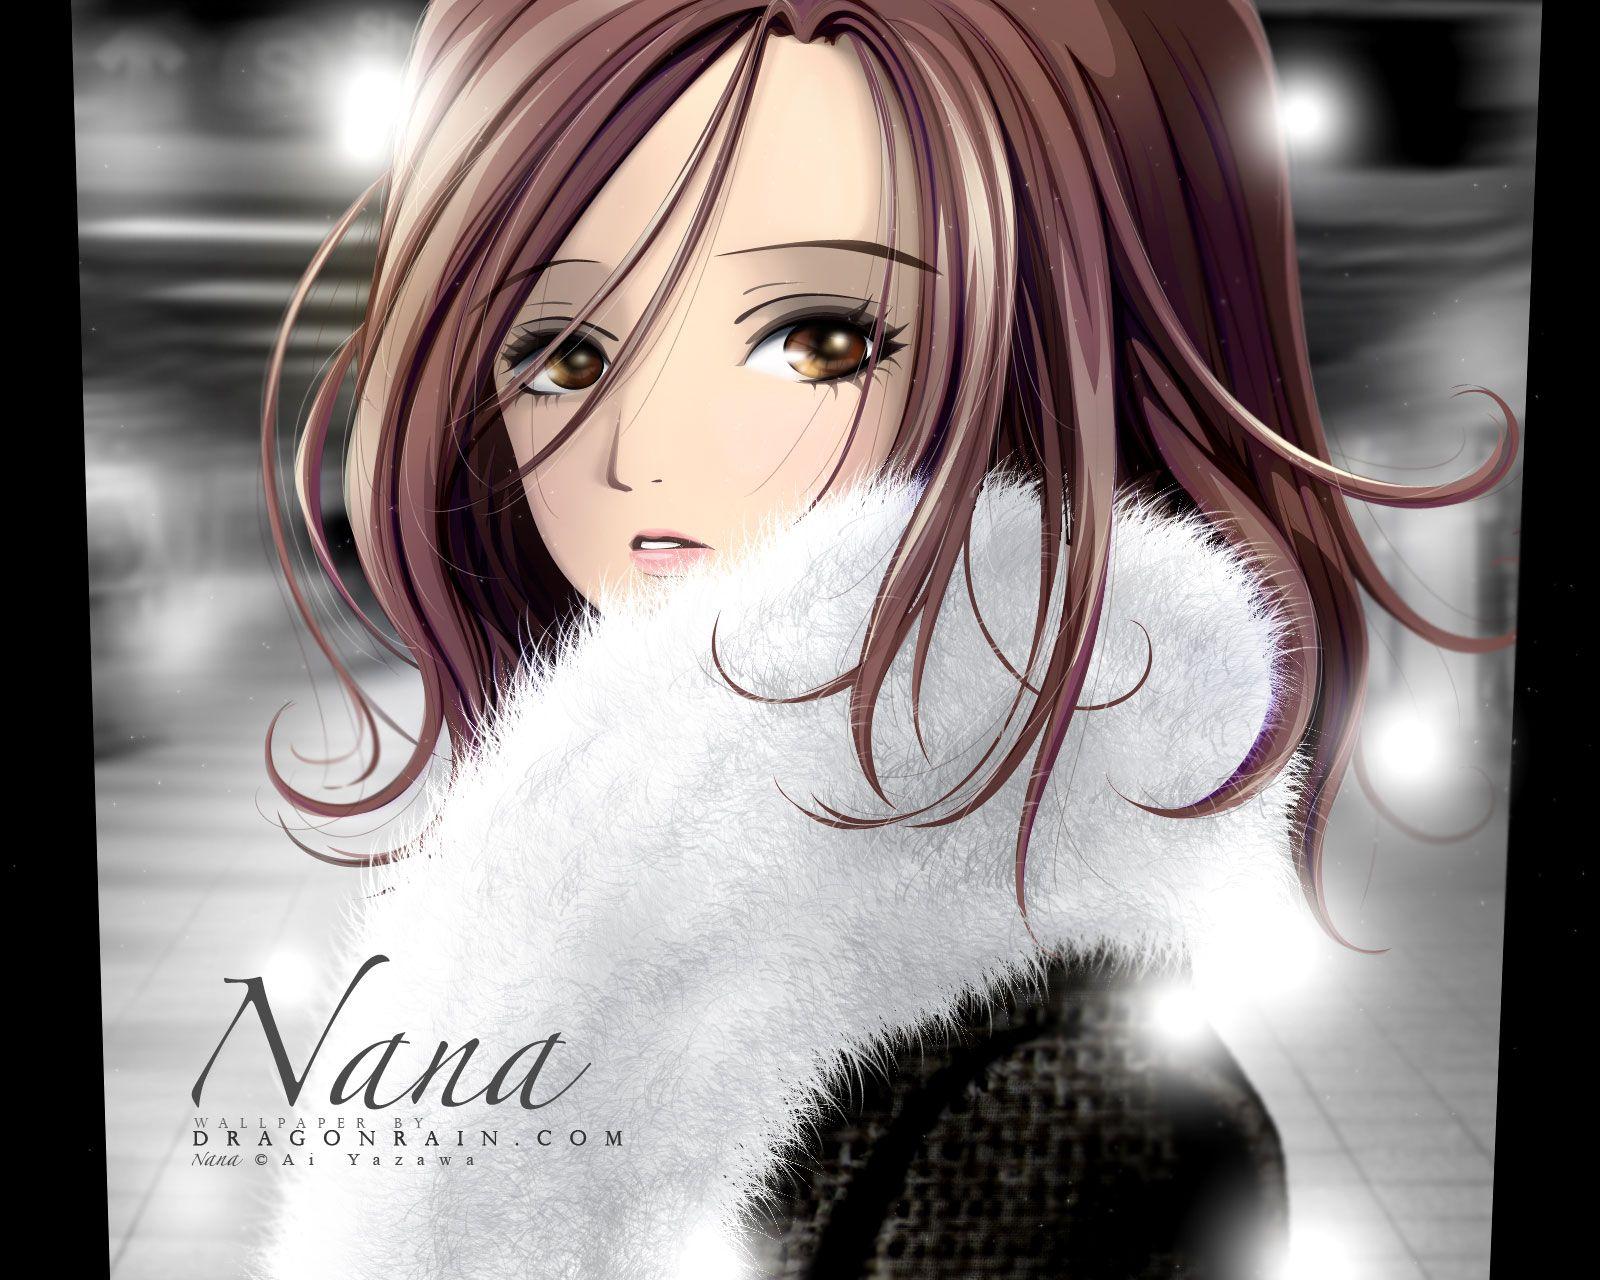 Nana Anime Nana ナナ, 矢沢あい, イラスト